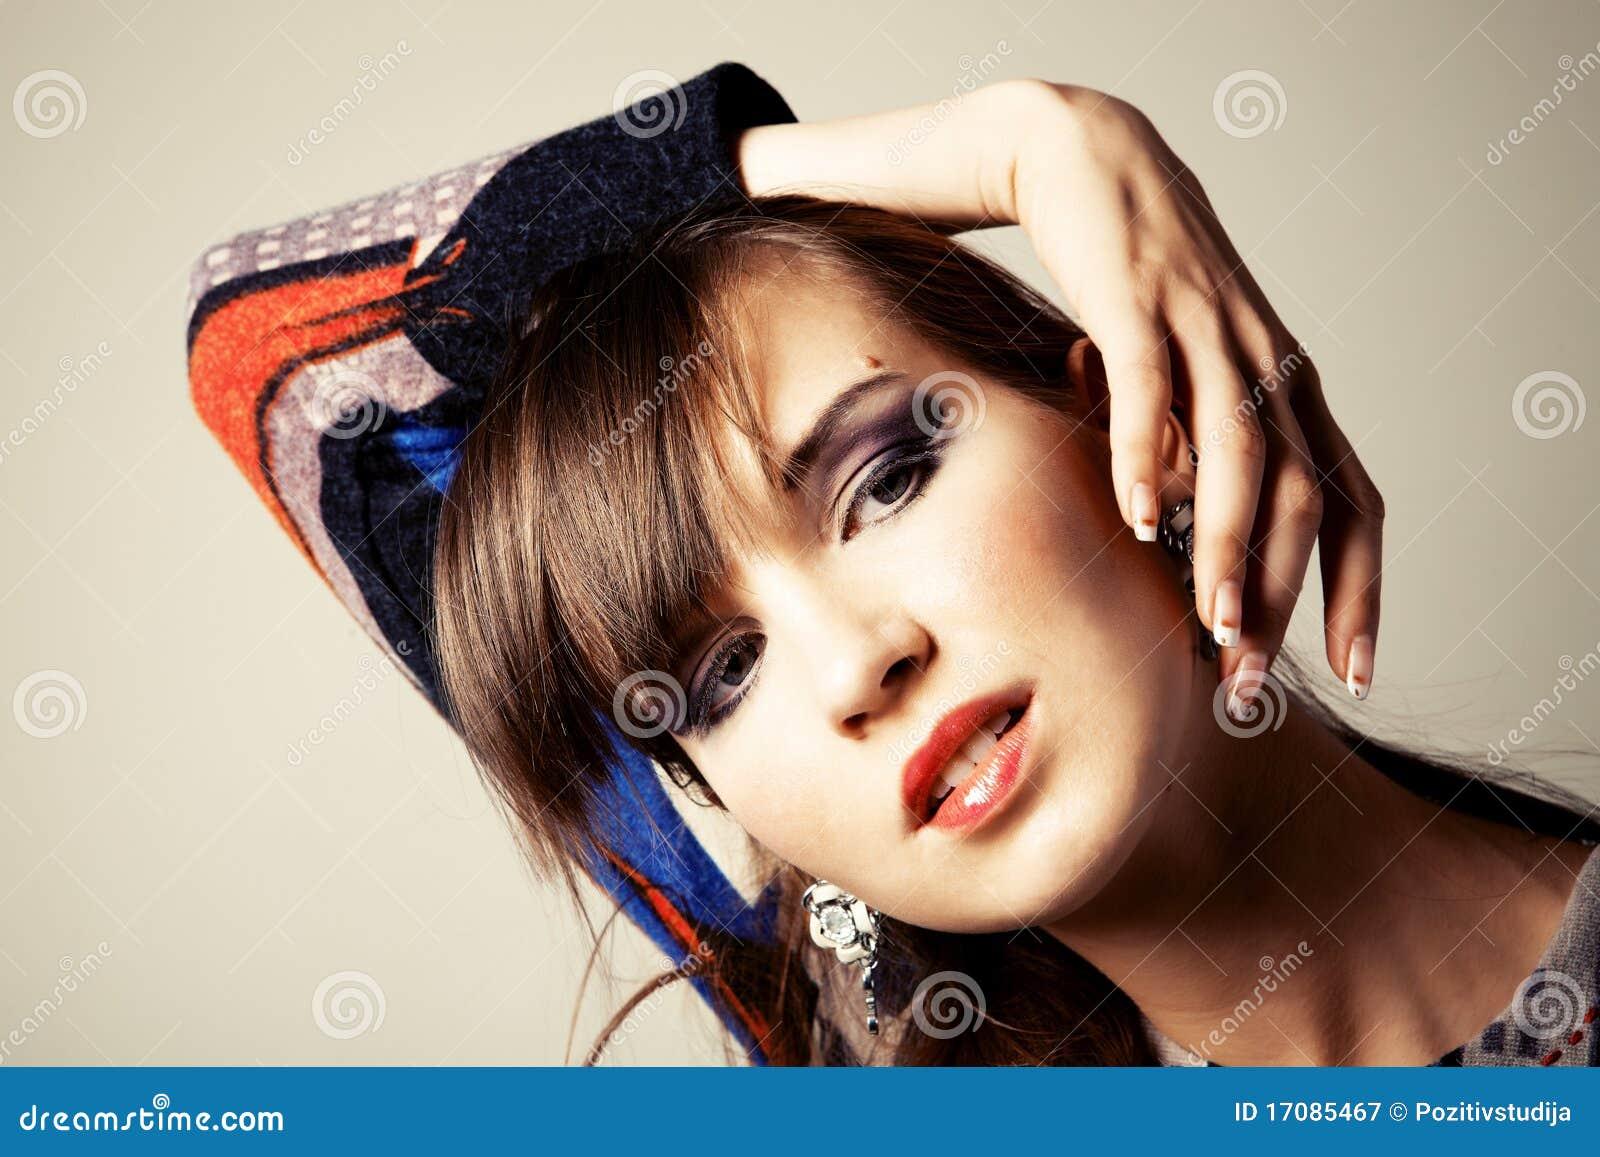 Portrait eine schöne junge Frau